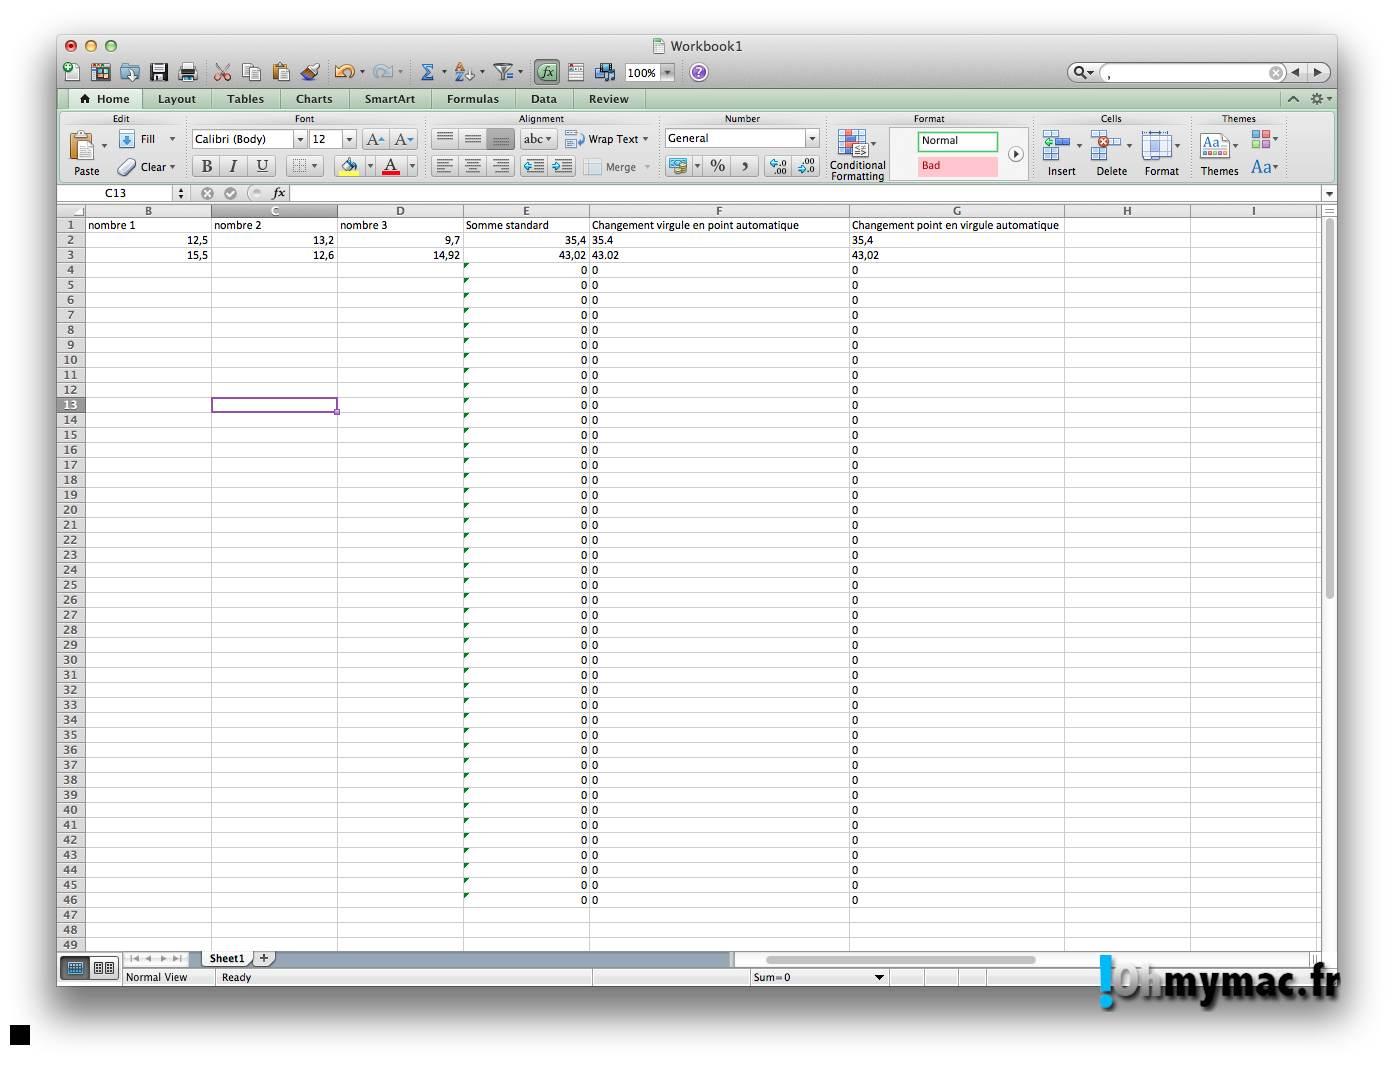 Ohmymac Séparateur décimal sur Excel 2011 Mac 09